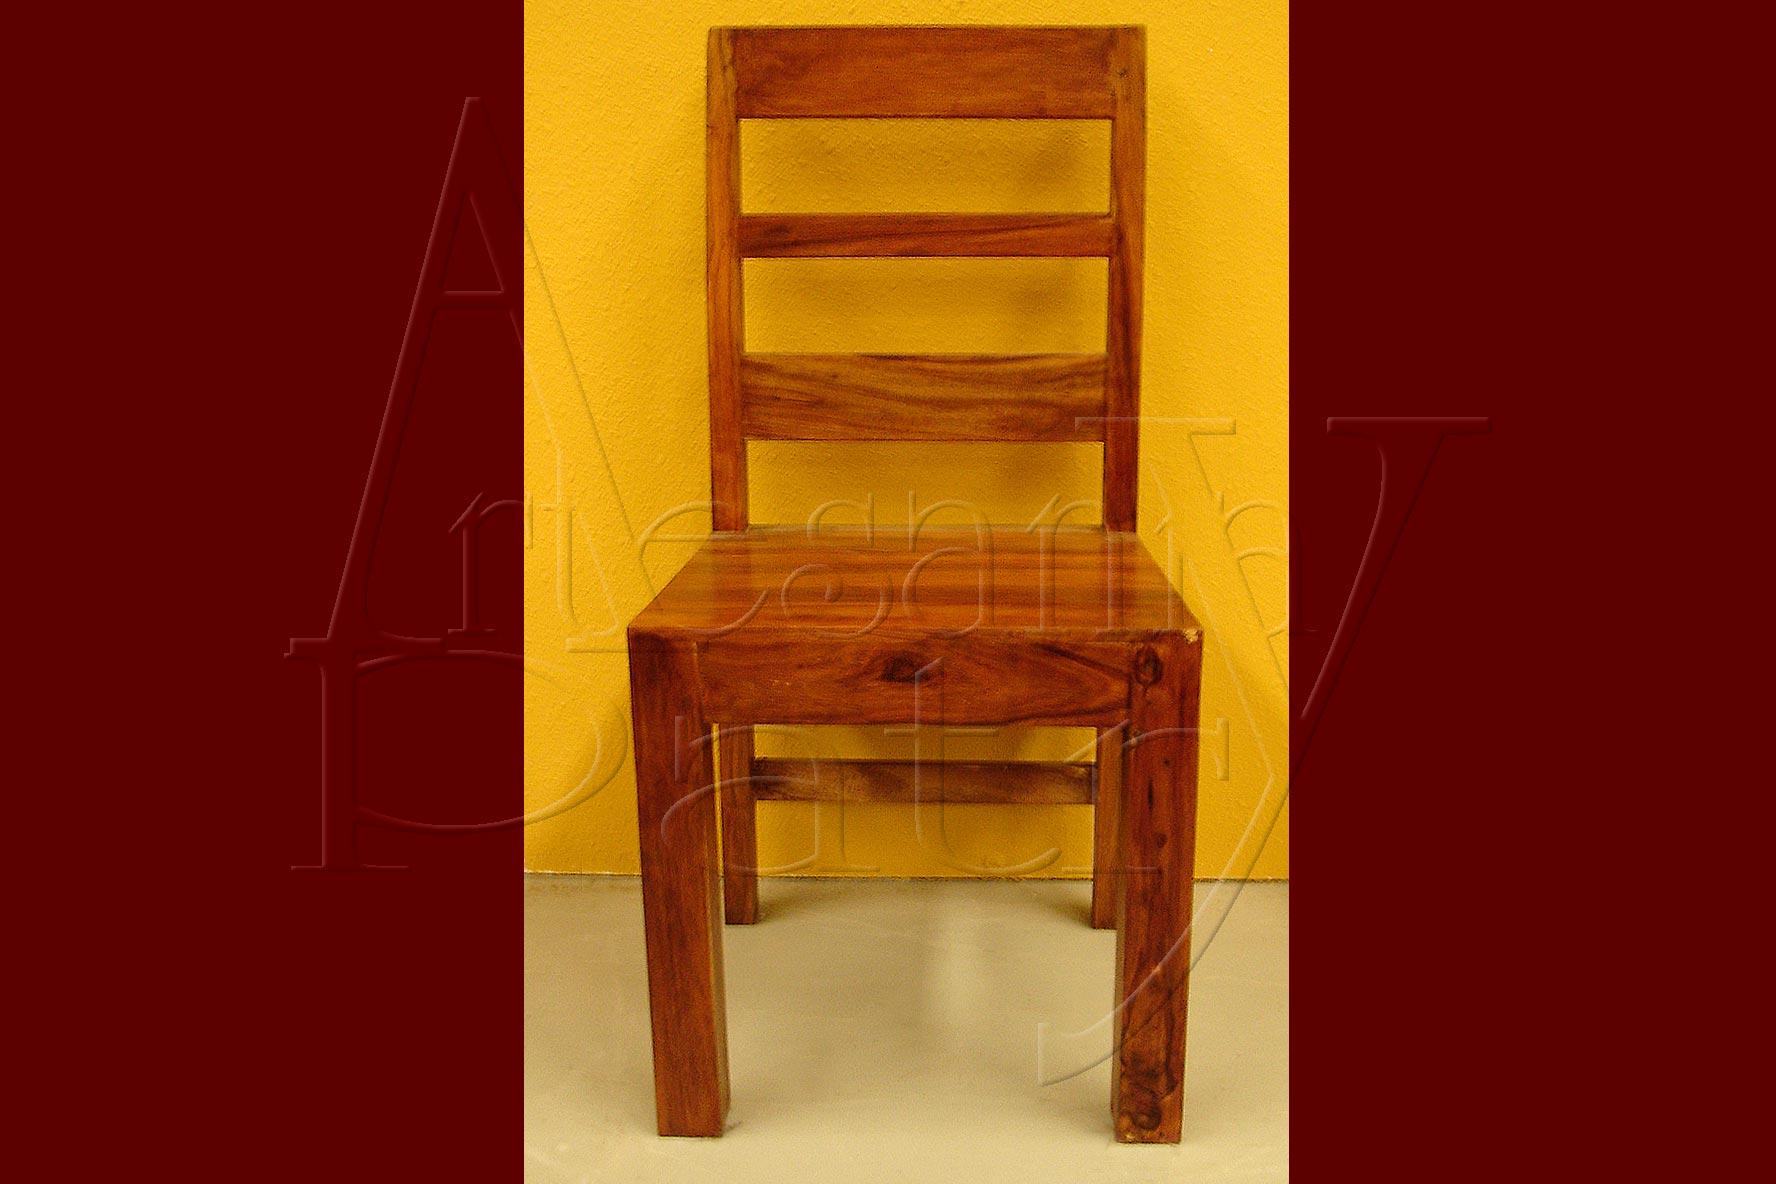 Silla de madera palisandro for Muebles sillas oferta